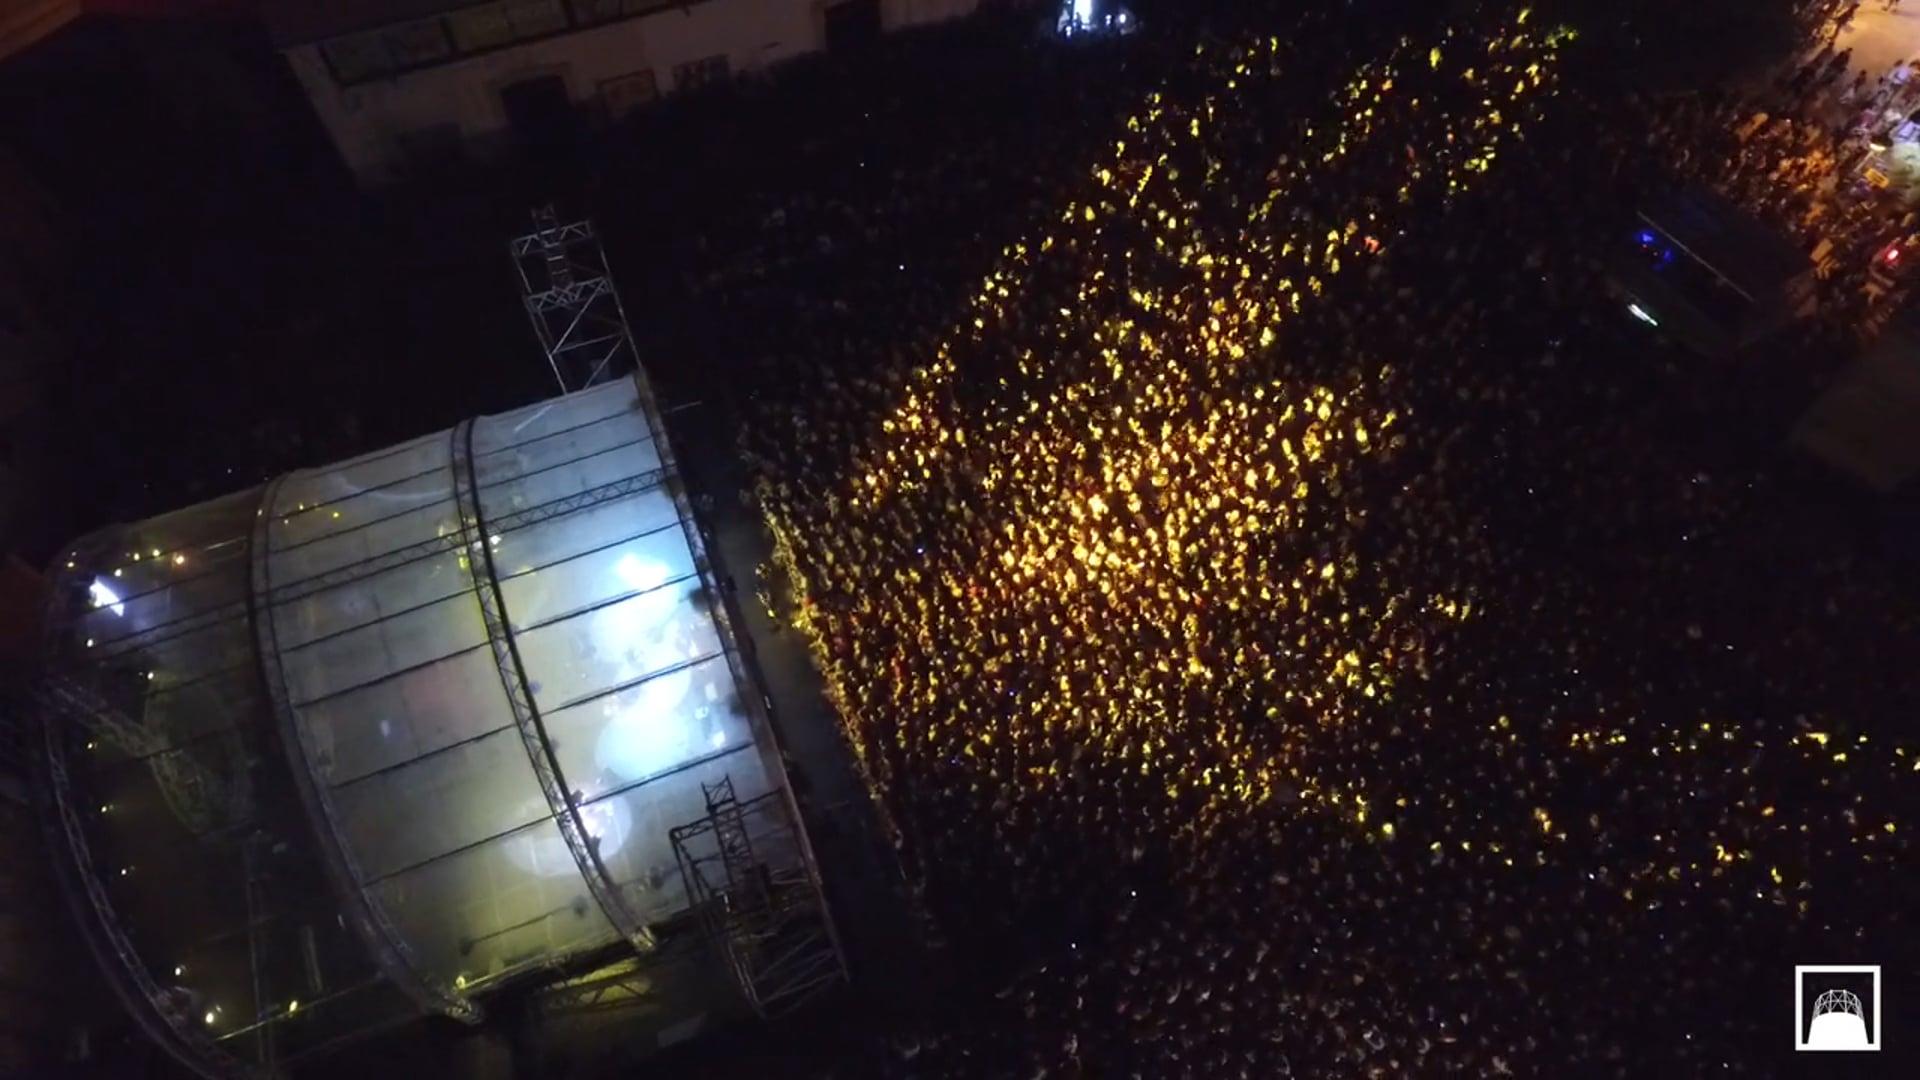 Μουσική στην Τεχνόπολη   Σεπτέμβριος 2015